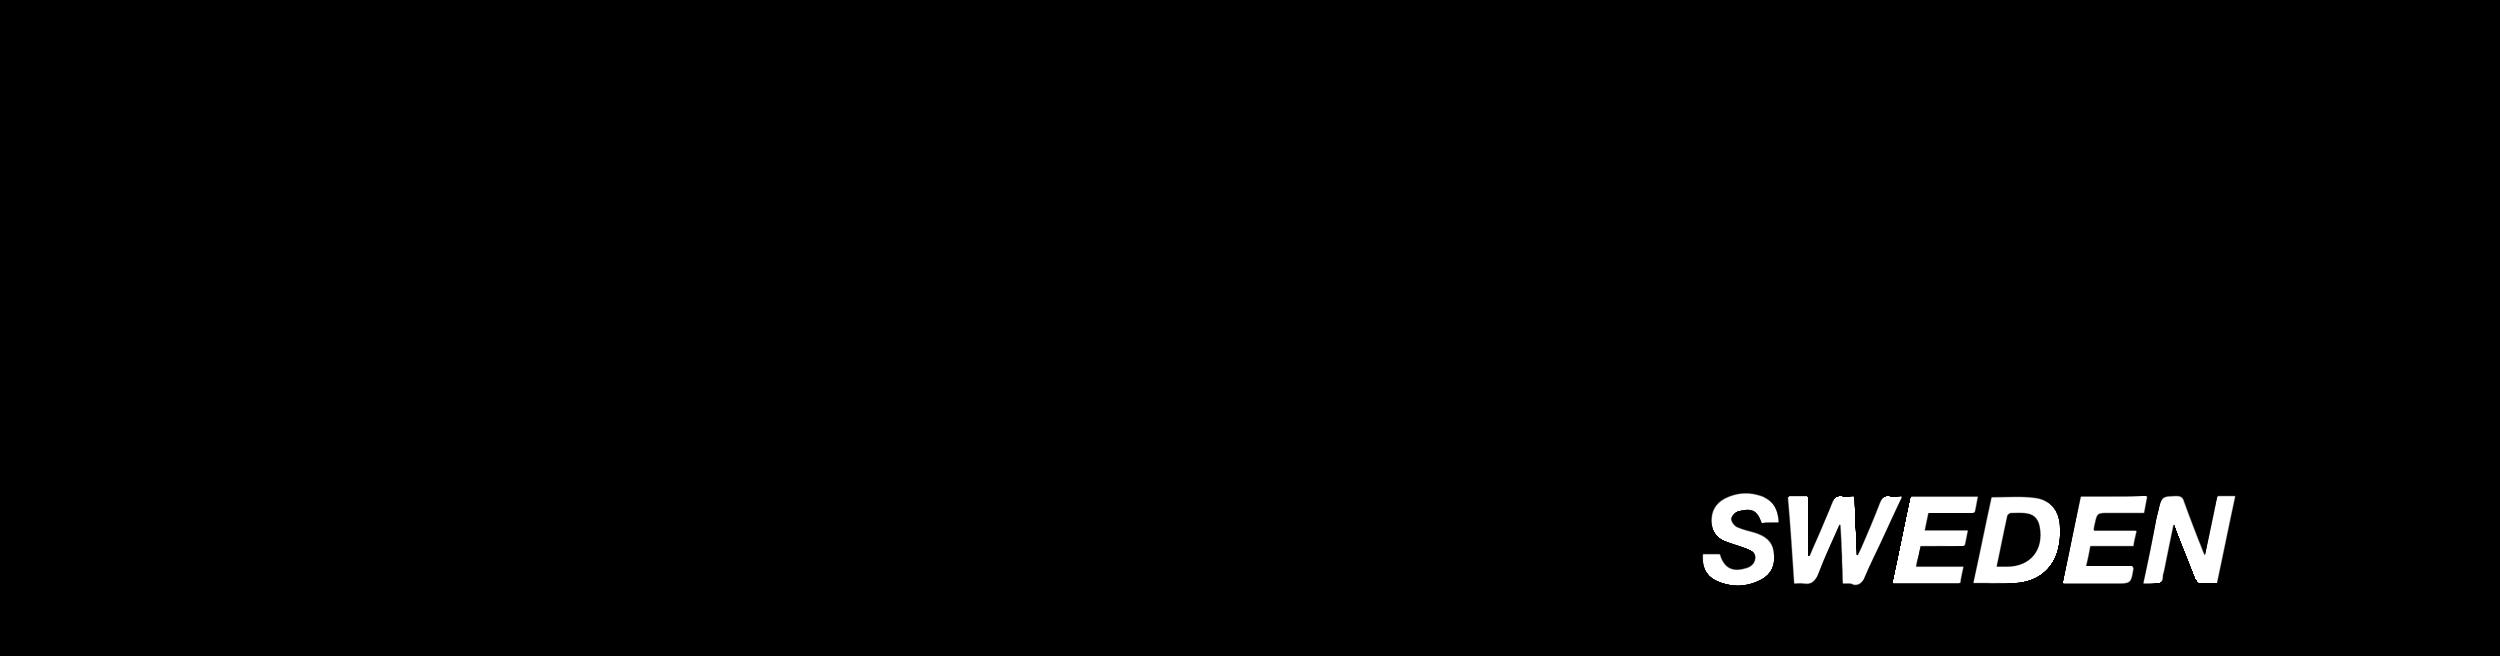 Thule_logo.png